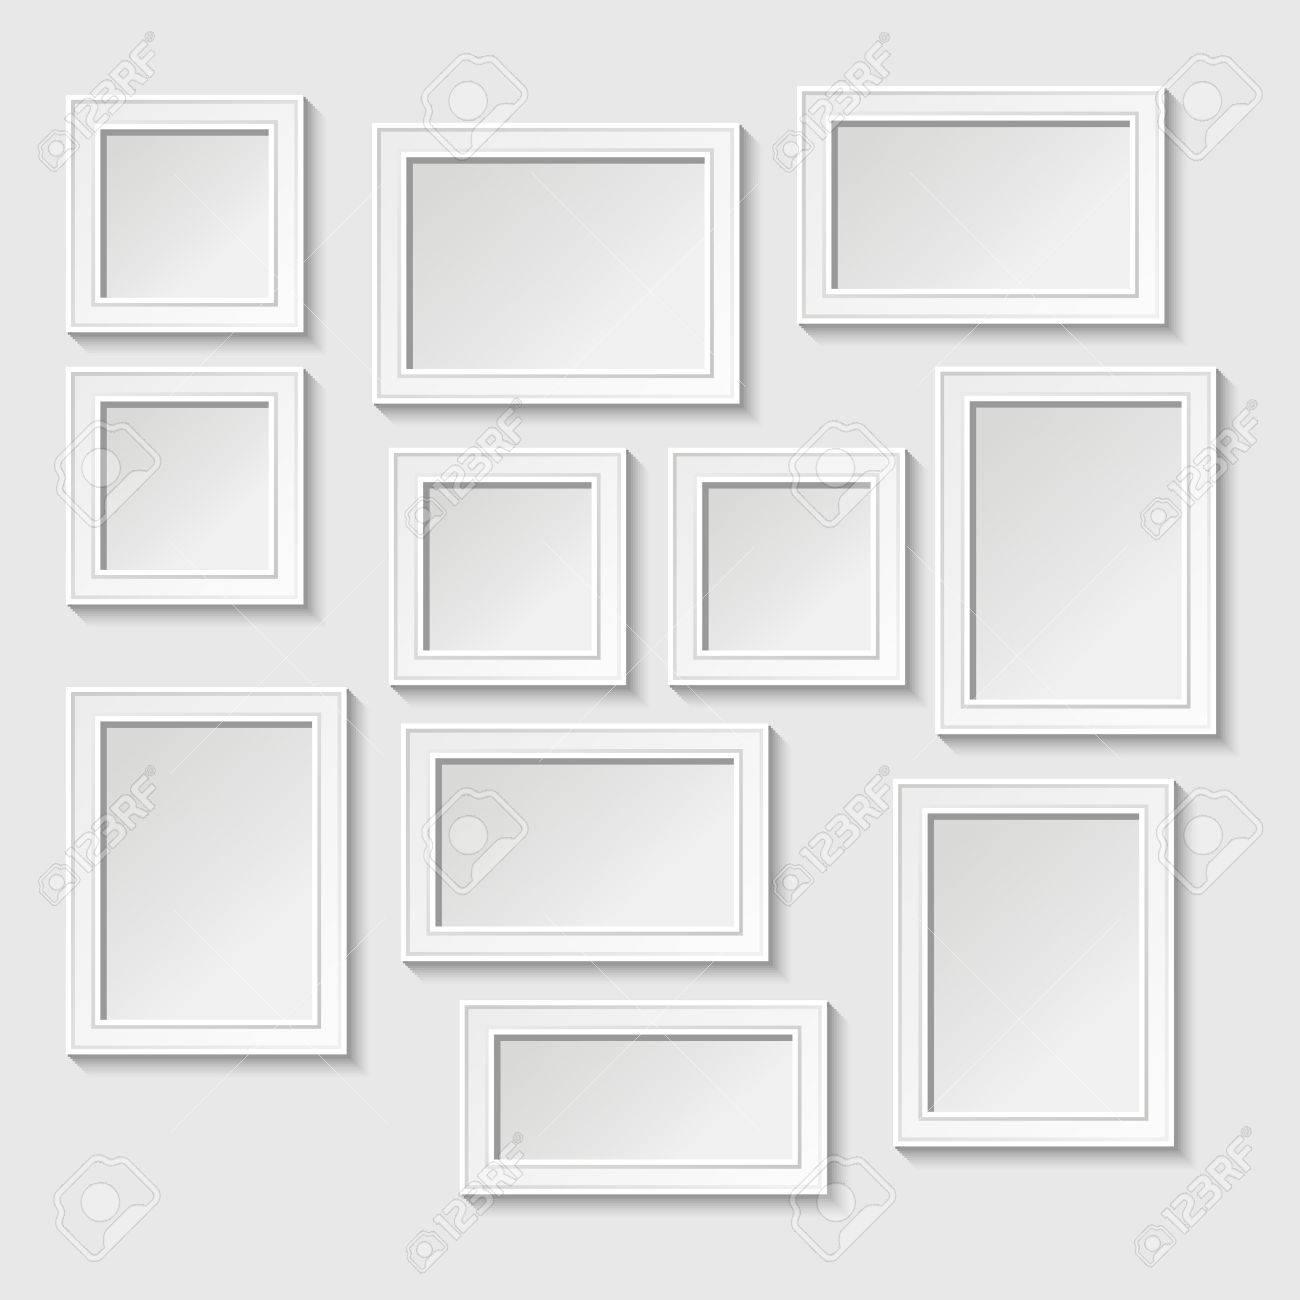 Ausgezeichnet Vorlage Sammelalbum Bilder - Entry Level Resume ...